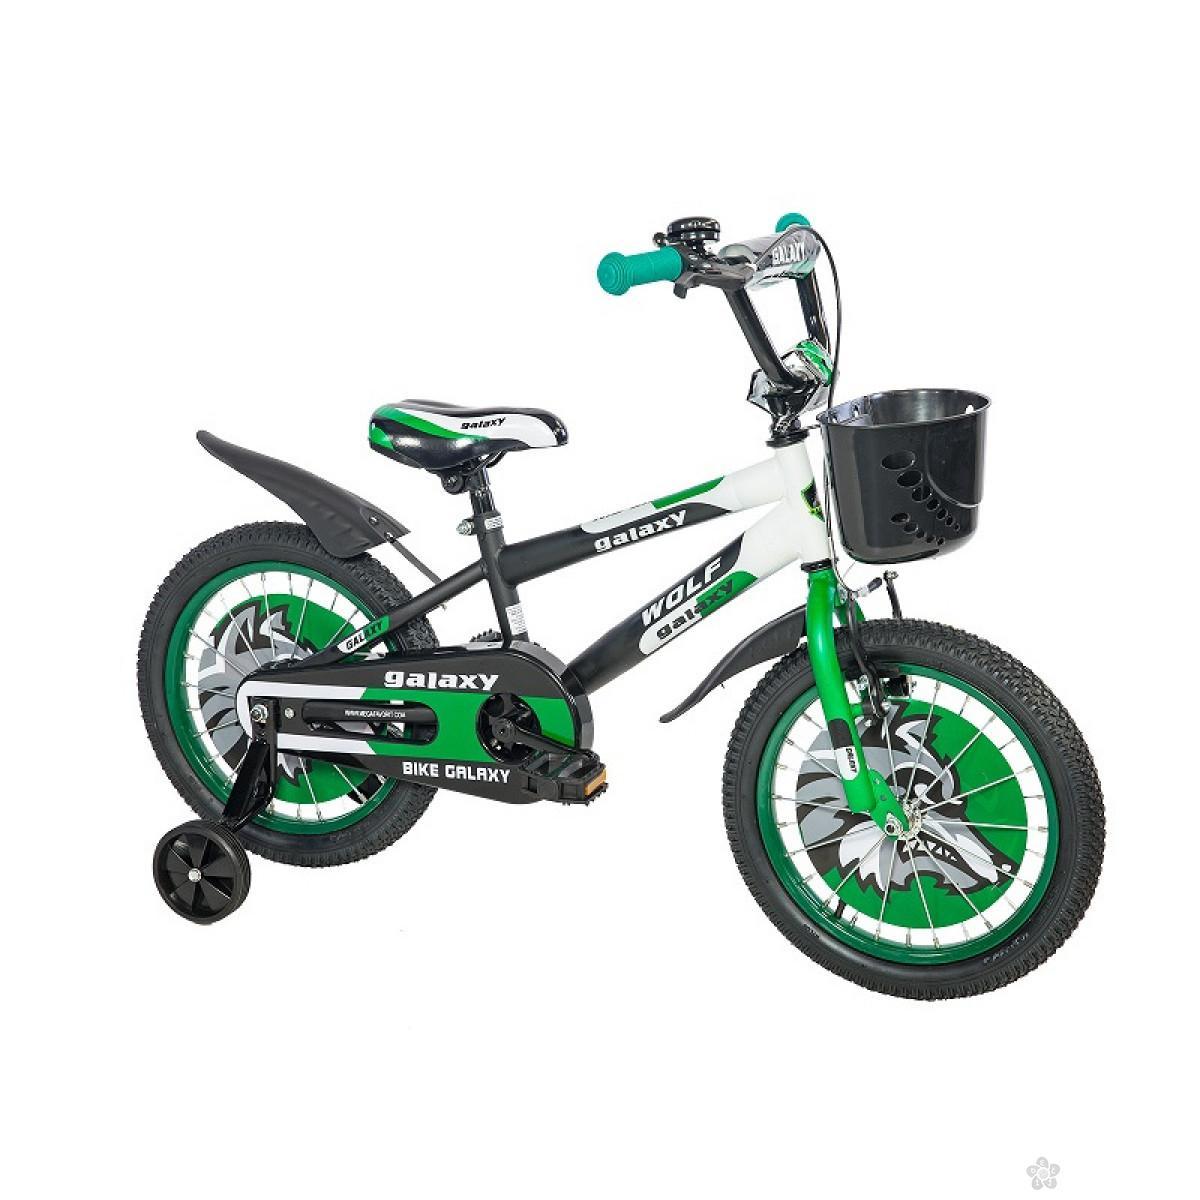 Dečiji Bicikl Wolf 16 crna/siva/zelena, 460460